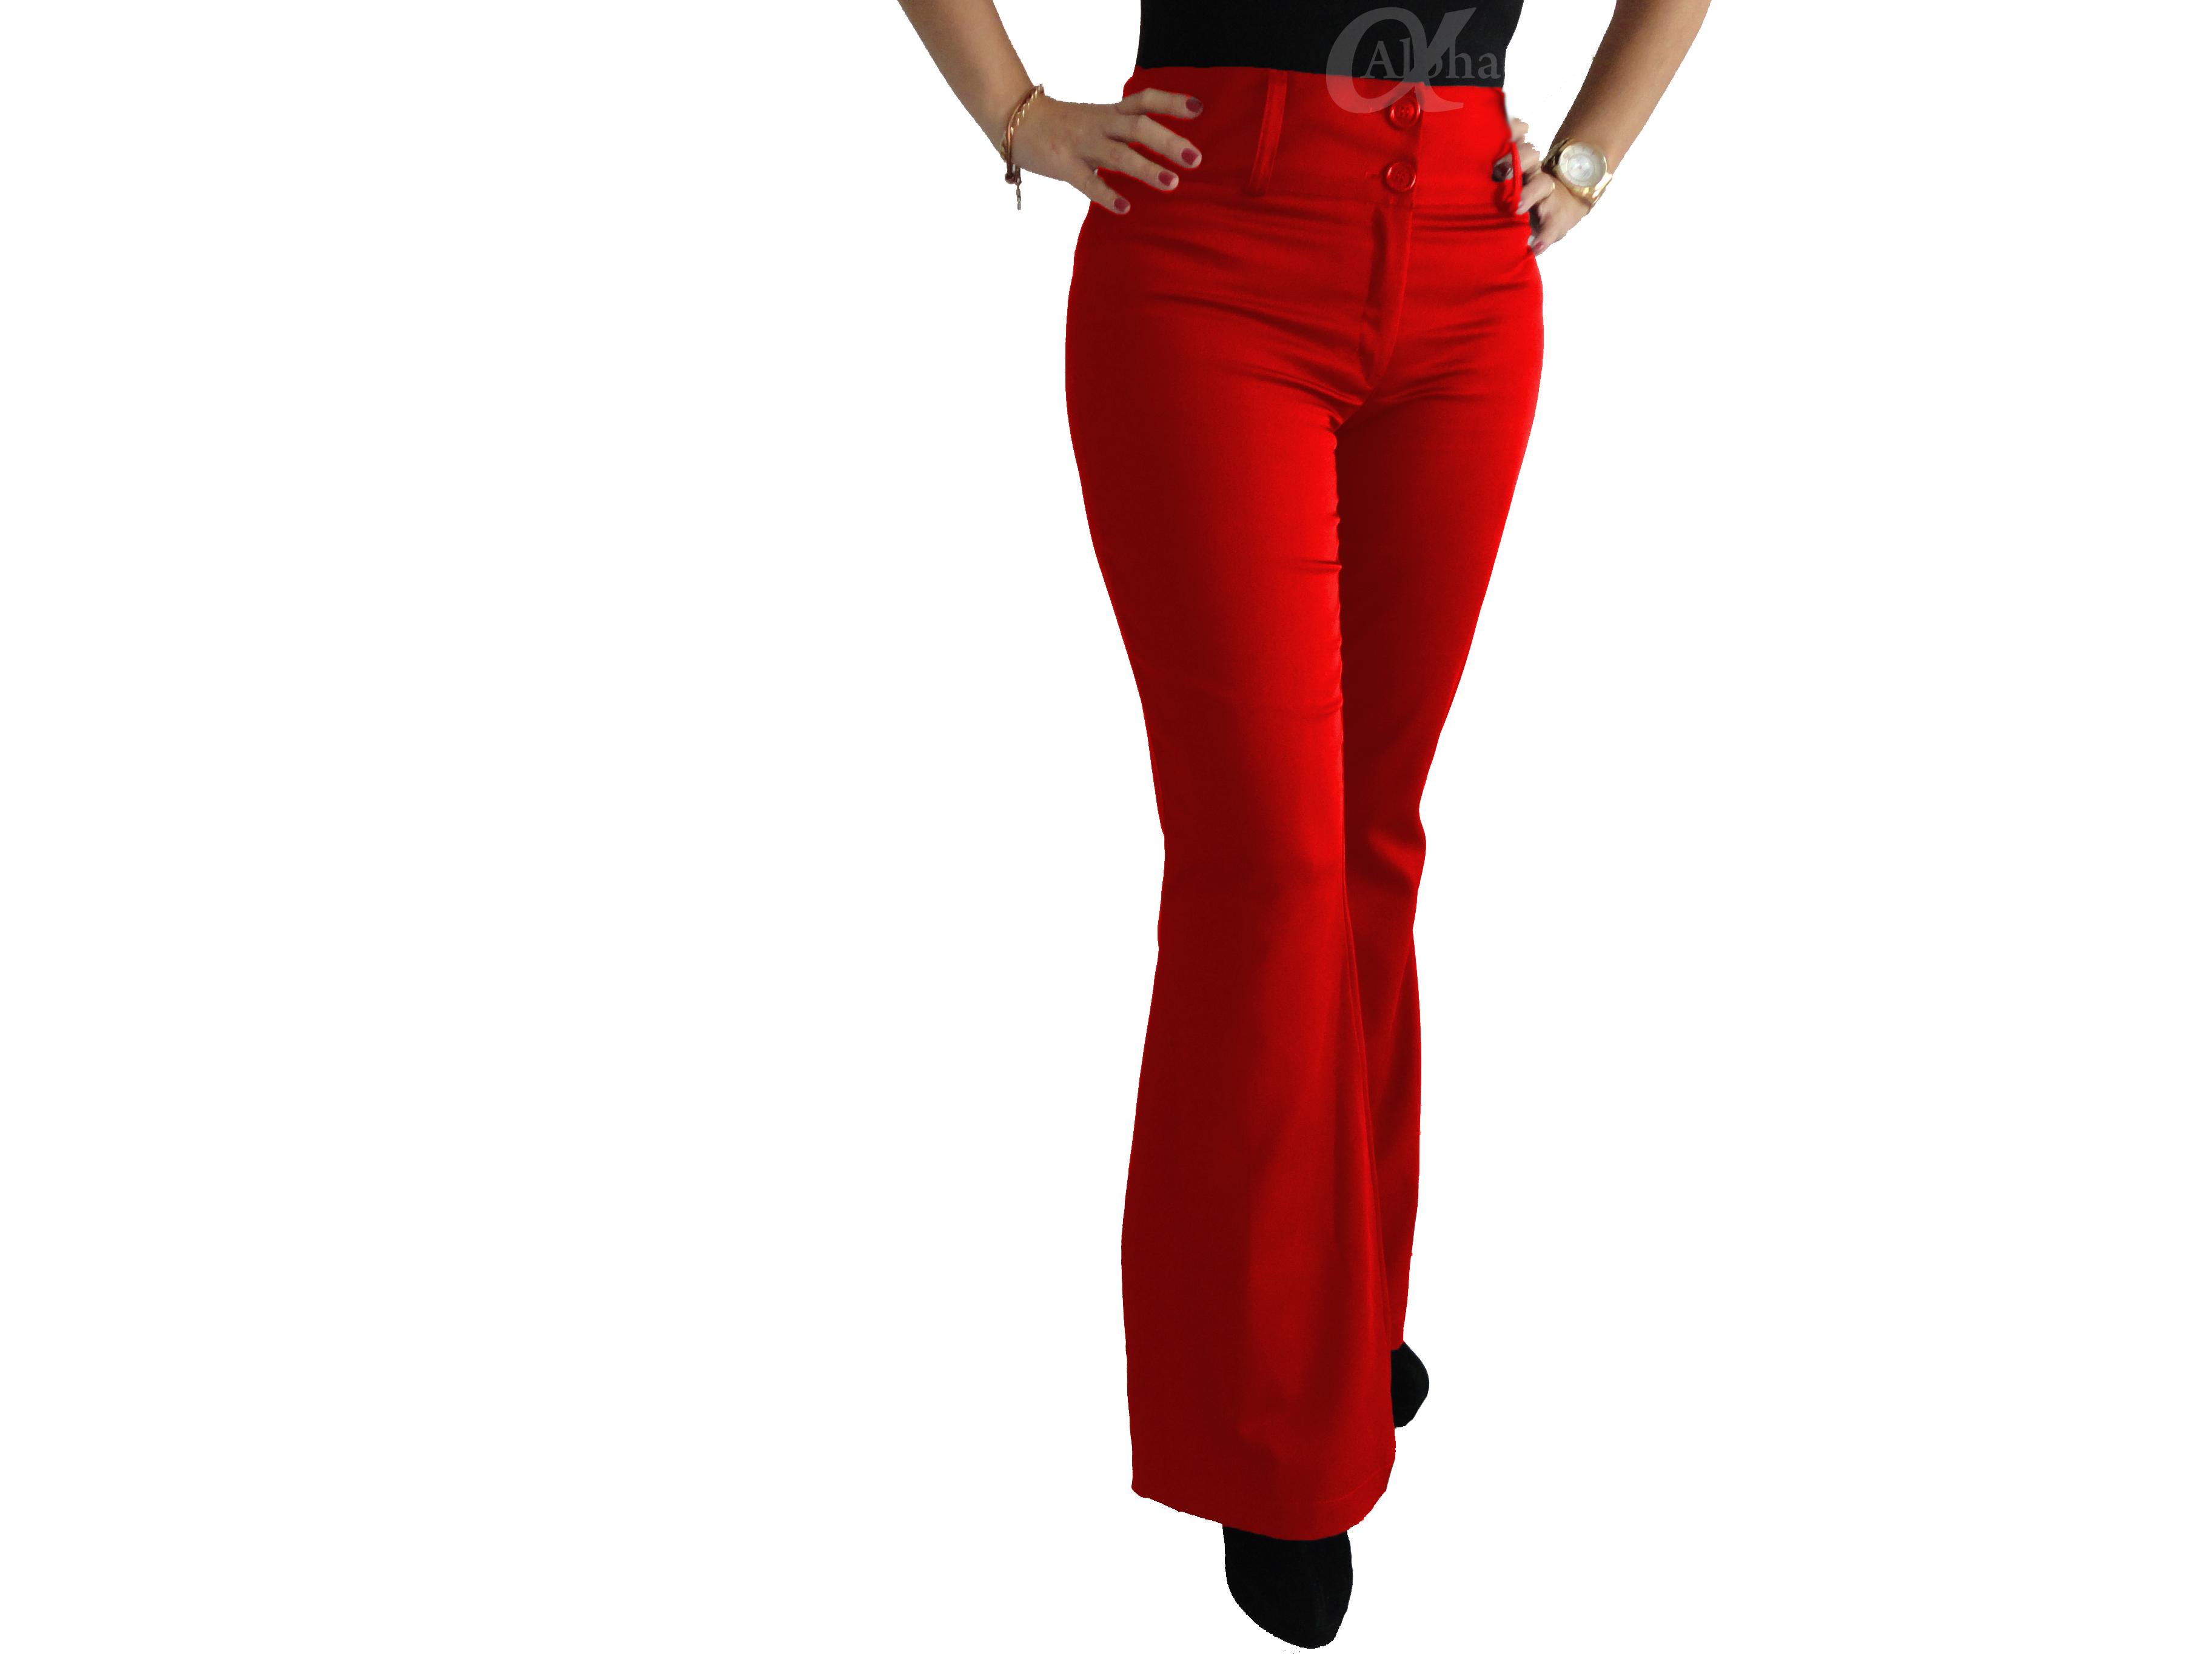 092f9fb63 Calça Flare Social Cintura Alta Vermelha - Alpha Moda Social